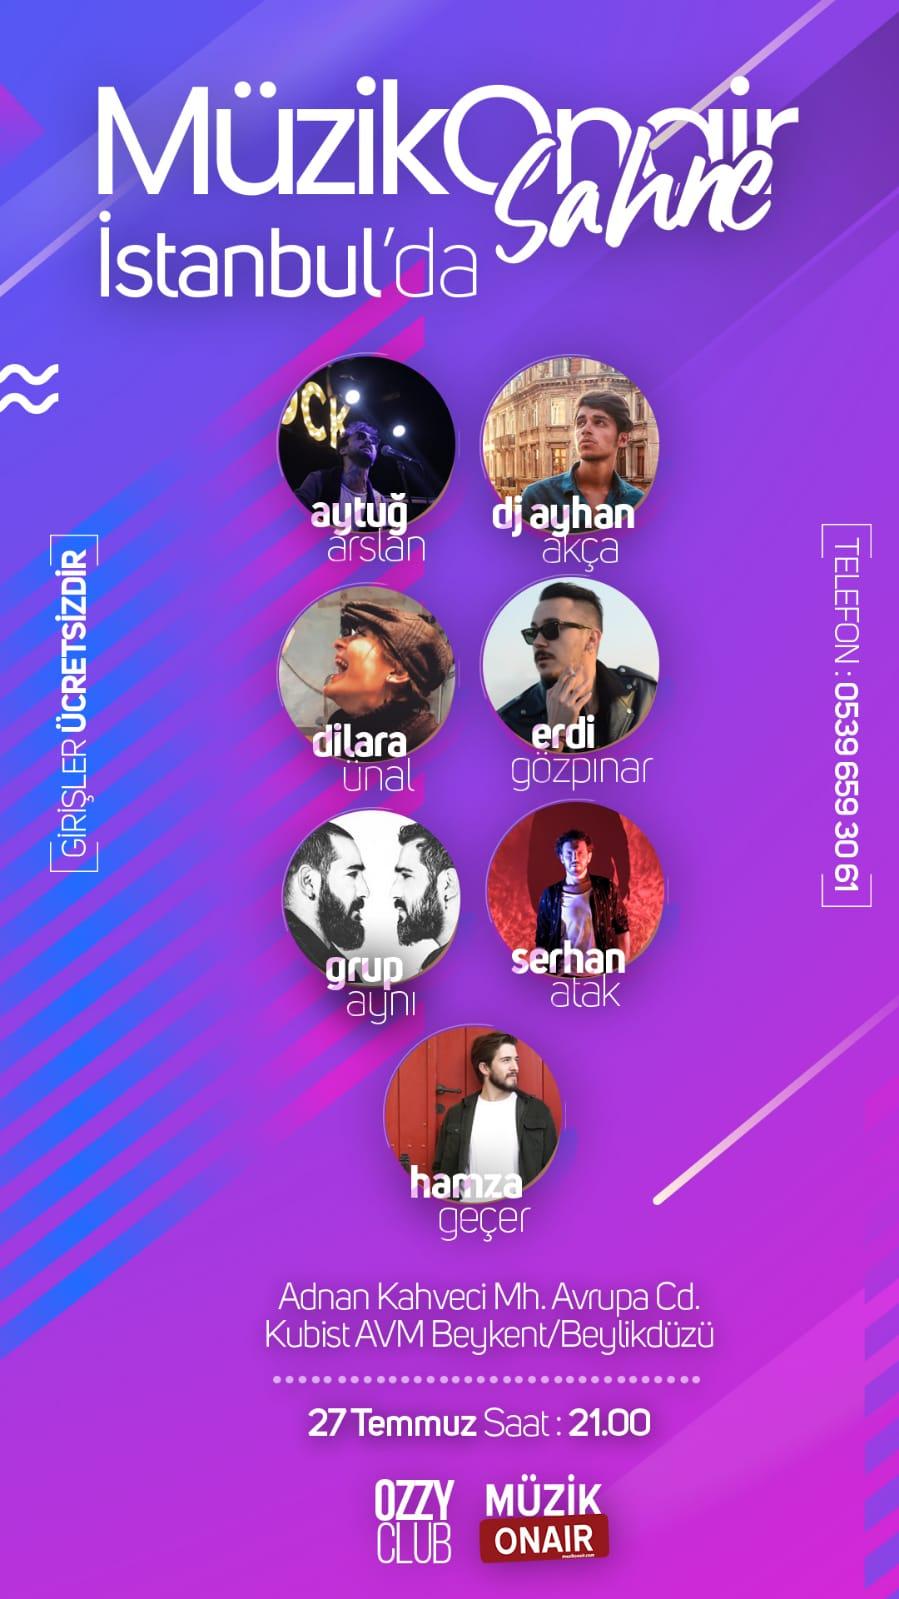 Müzik Onair Sahne İstanbul İçin Geri Sayım Başladı